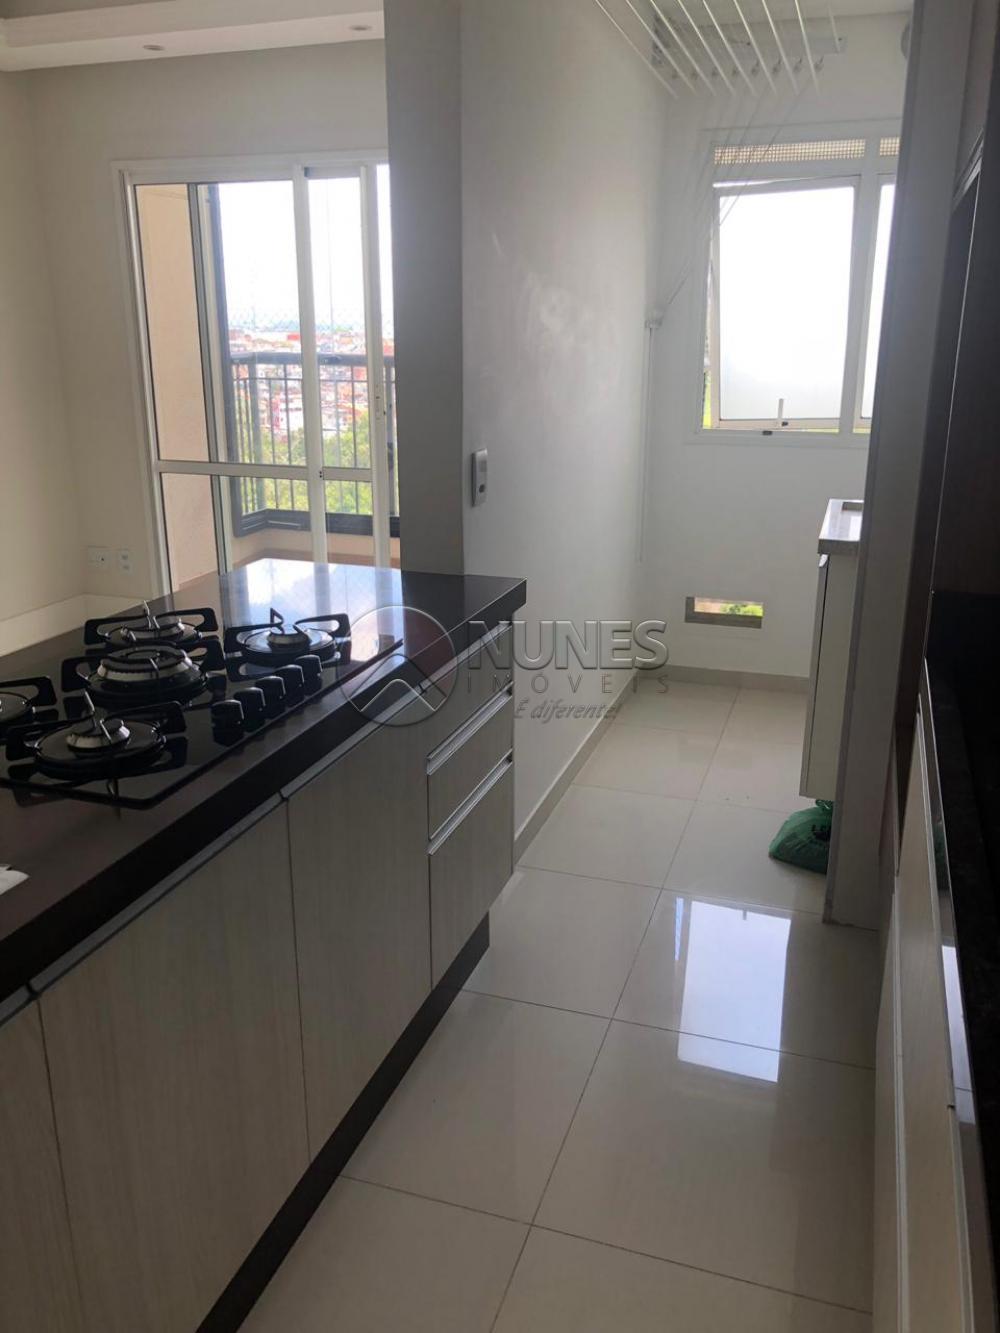 Comprar Apartamento / Padrão em Barueri apenas R$ 520.000,00 - Foto 5